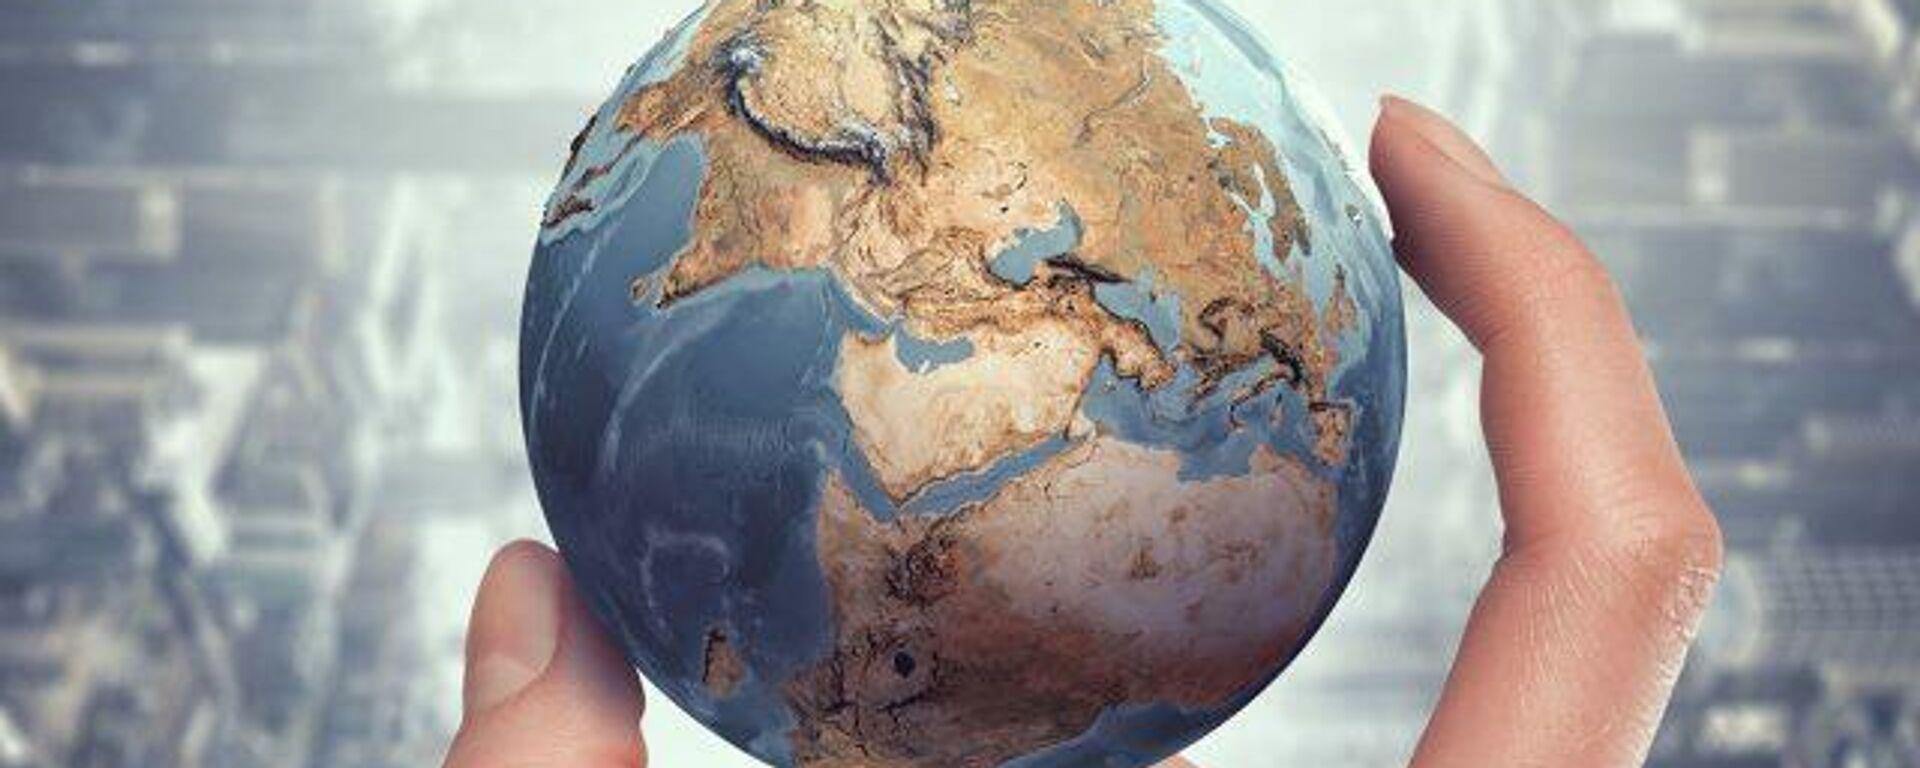 Derecho a respirar: la contaminación del aire se extiende en las ciudades latinoamericanas  - Sputnik Mundo, 1920, 07.09.2021